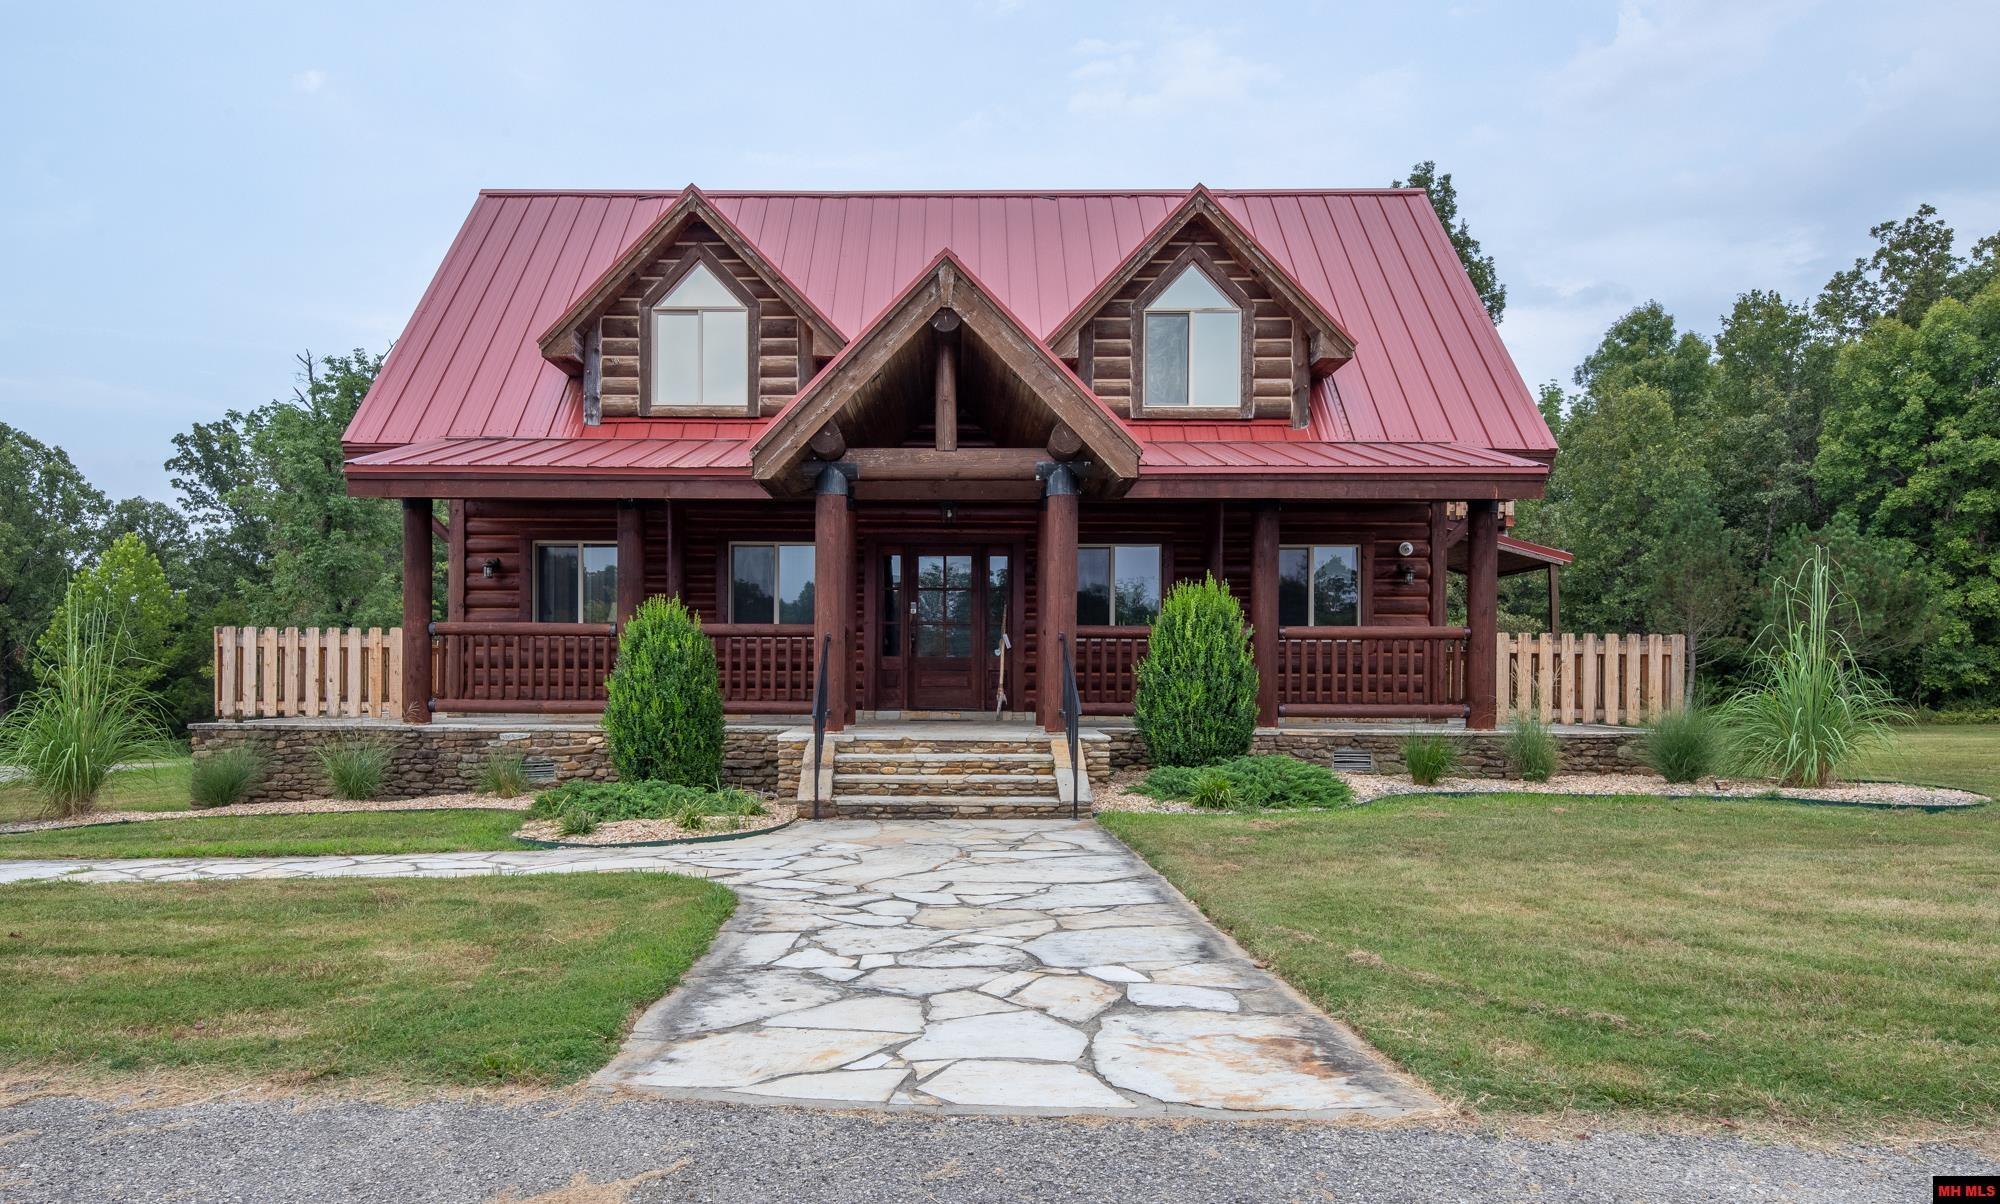 273 GOLDEN STAR LANE | Mountain Home, AR